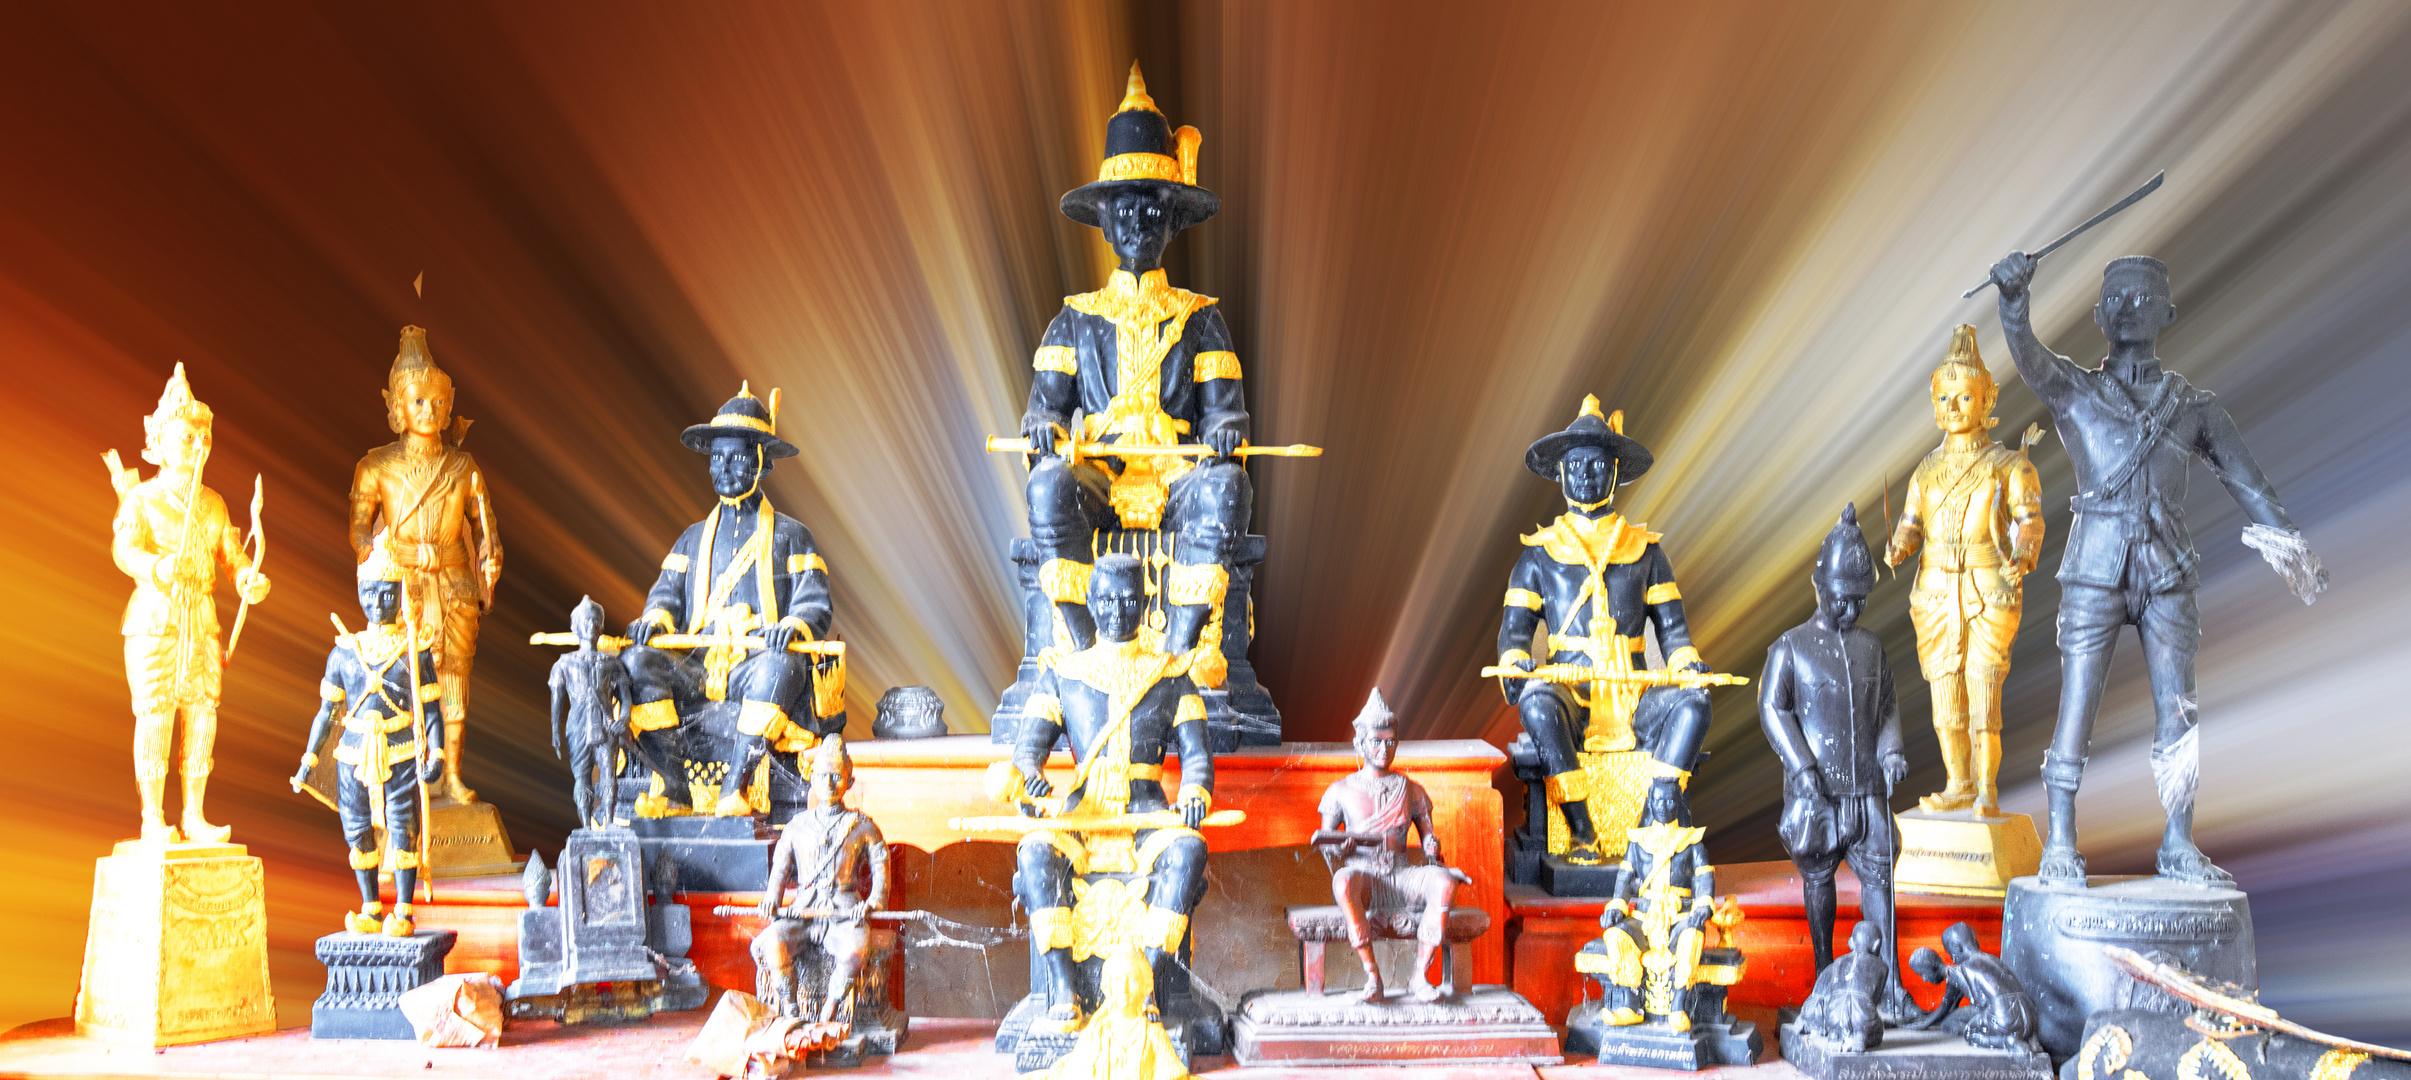 Dynastie royale thaïlandaise 02